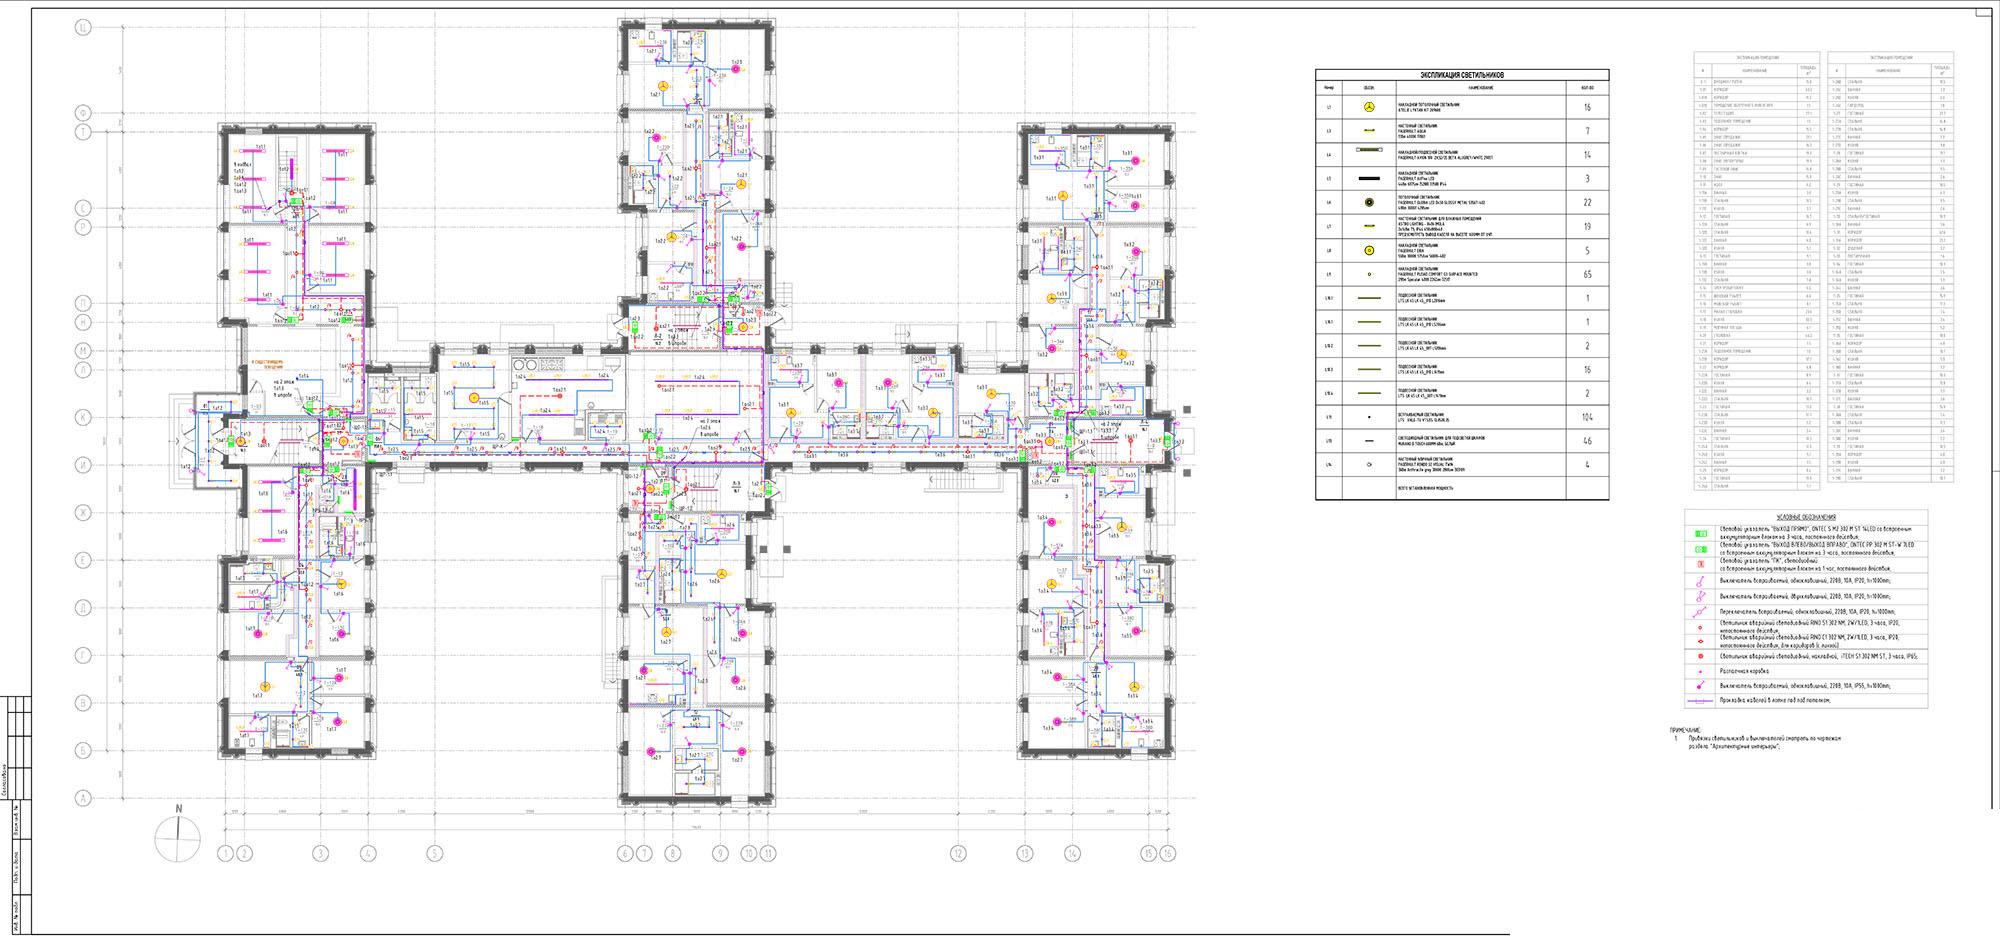 Проектирование электроснабжения, электрооборудования и электроосвещения зданий, сооружени Подключение света Хорошевский тупик